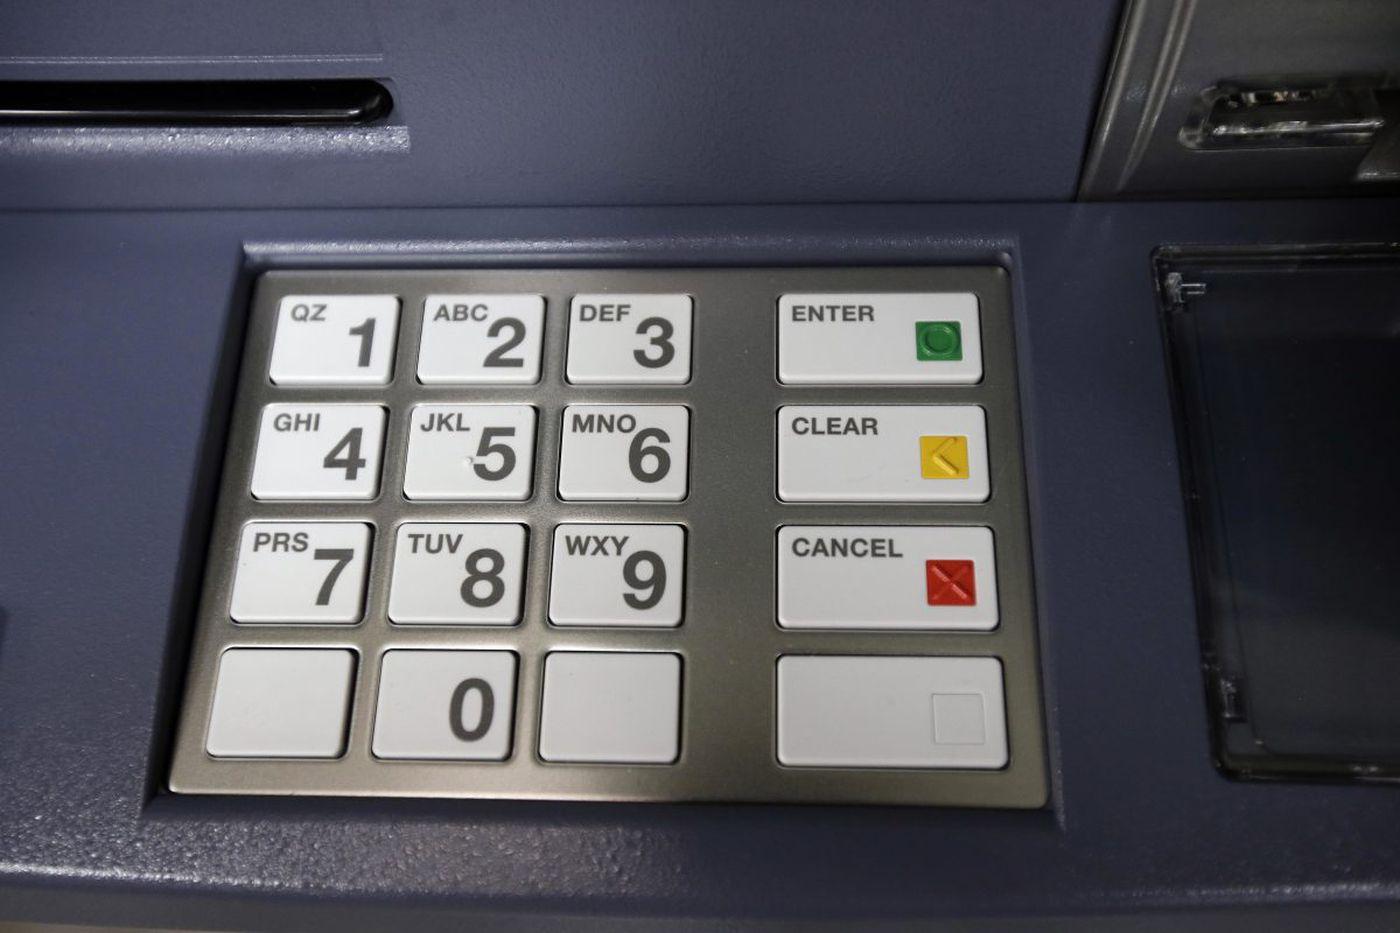 Can technology thwart violent ATM crimes, save lives?